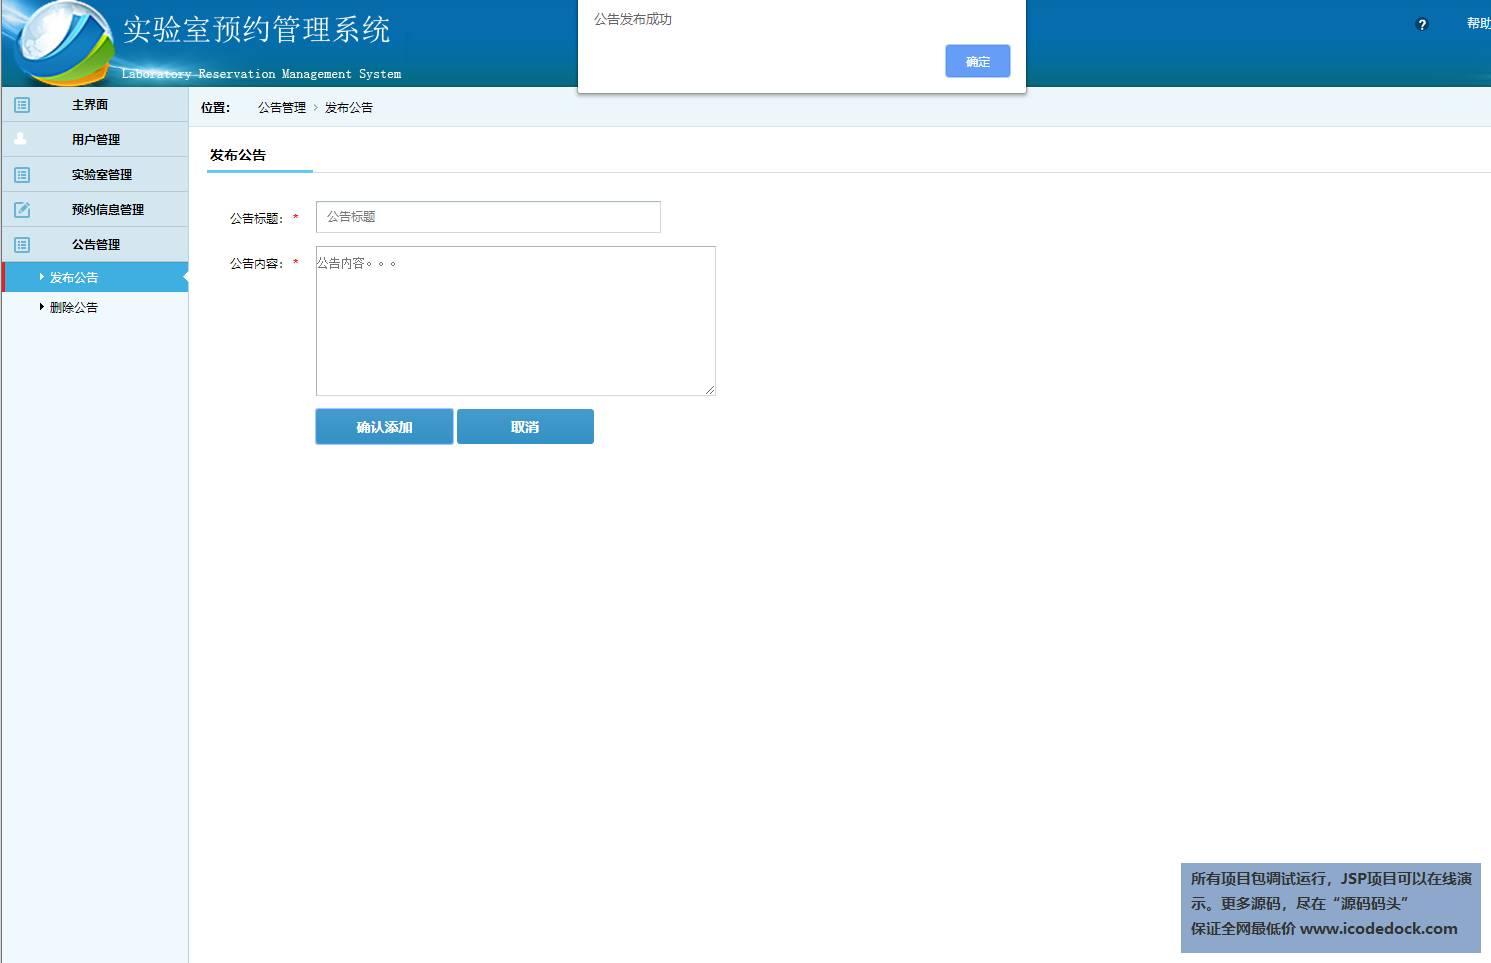 源码码头-SSH实验室预约管理系统-管理员角色-发布公告